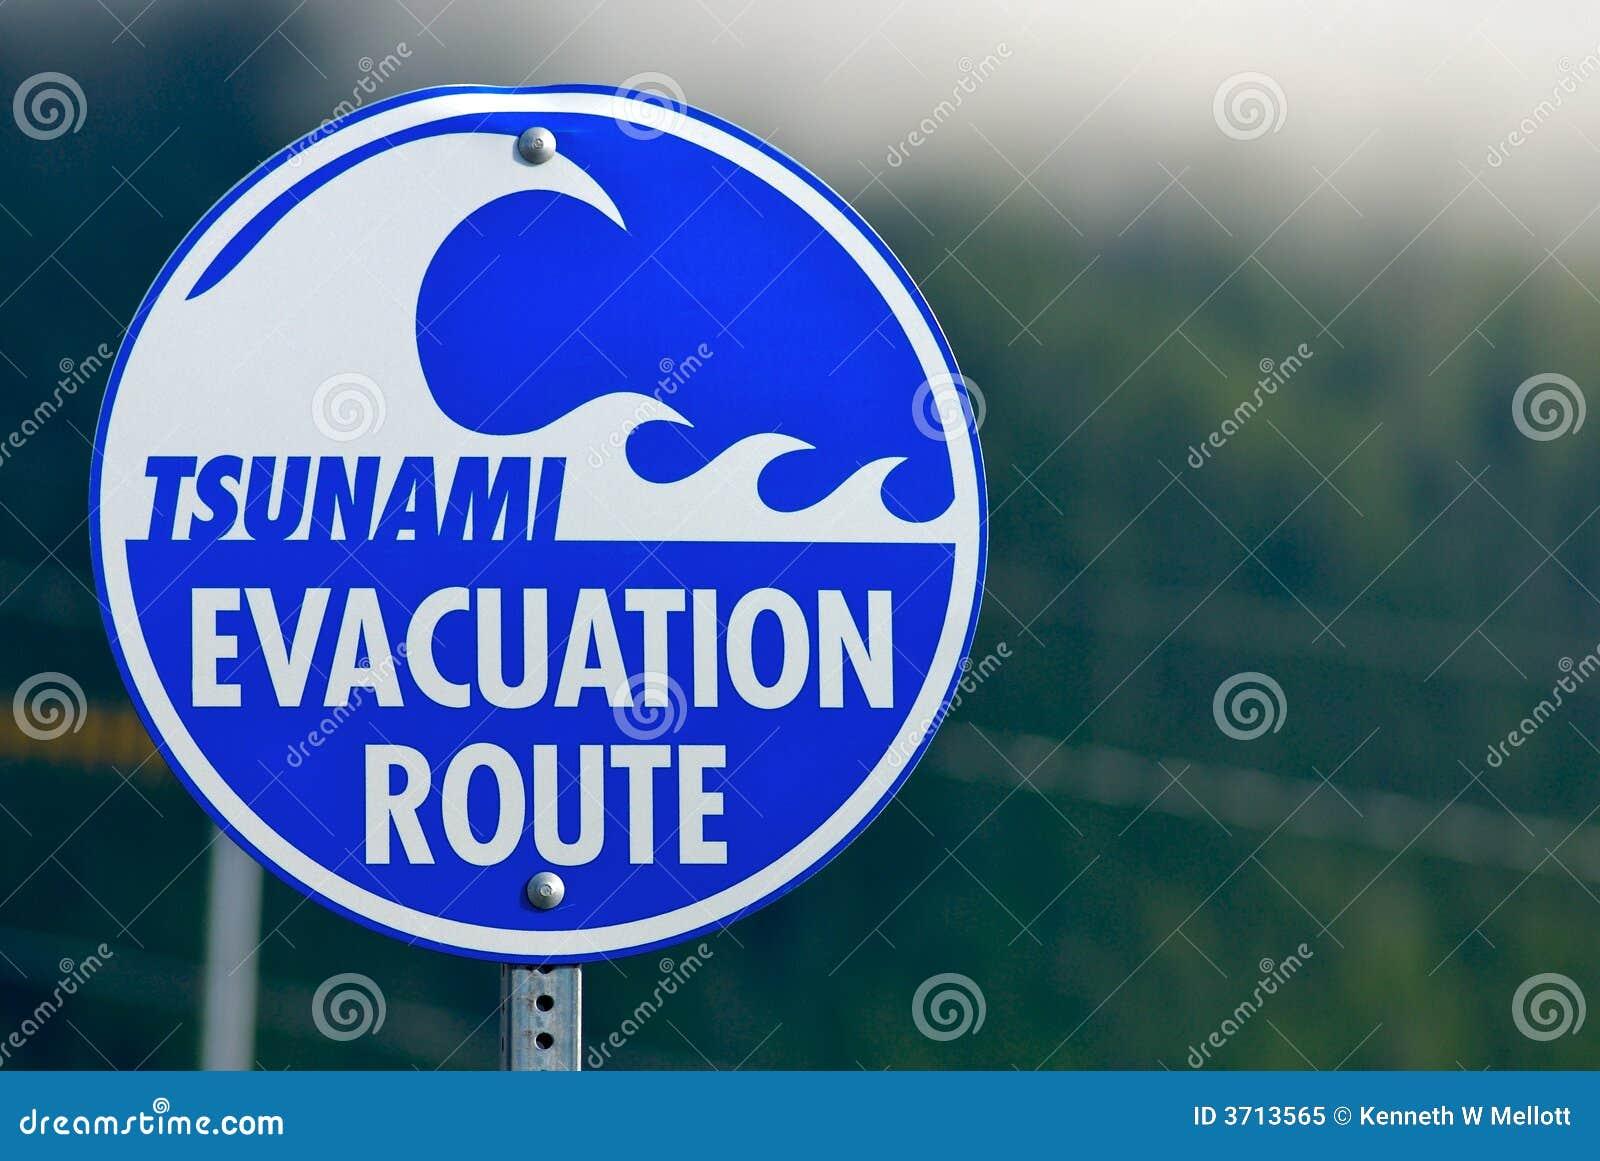 προειδοποίηση τσουνάμι σημαδιών εκκένωσης